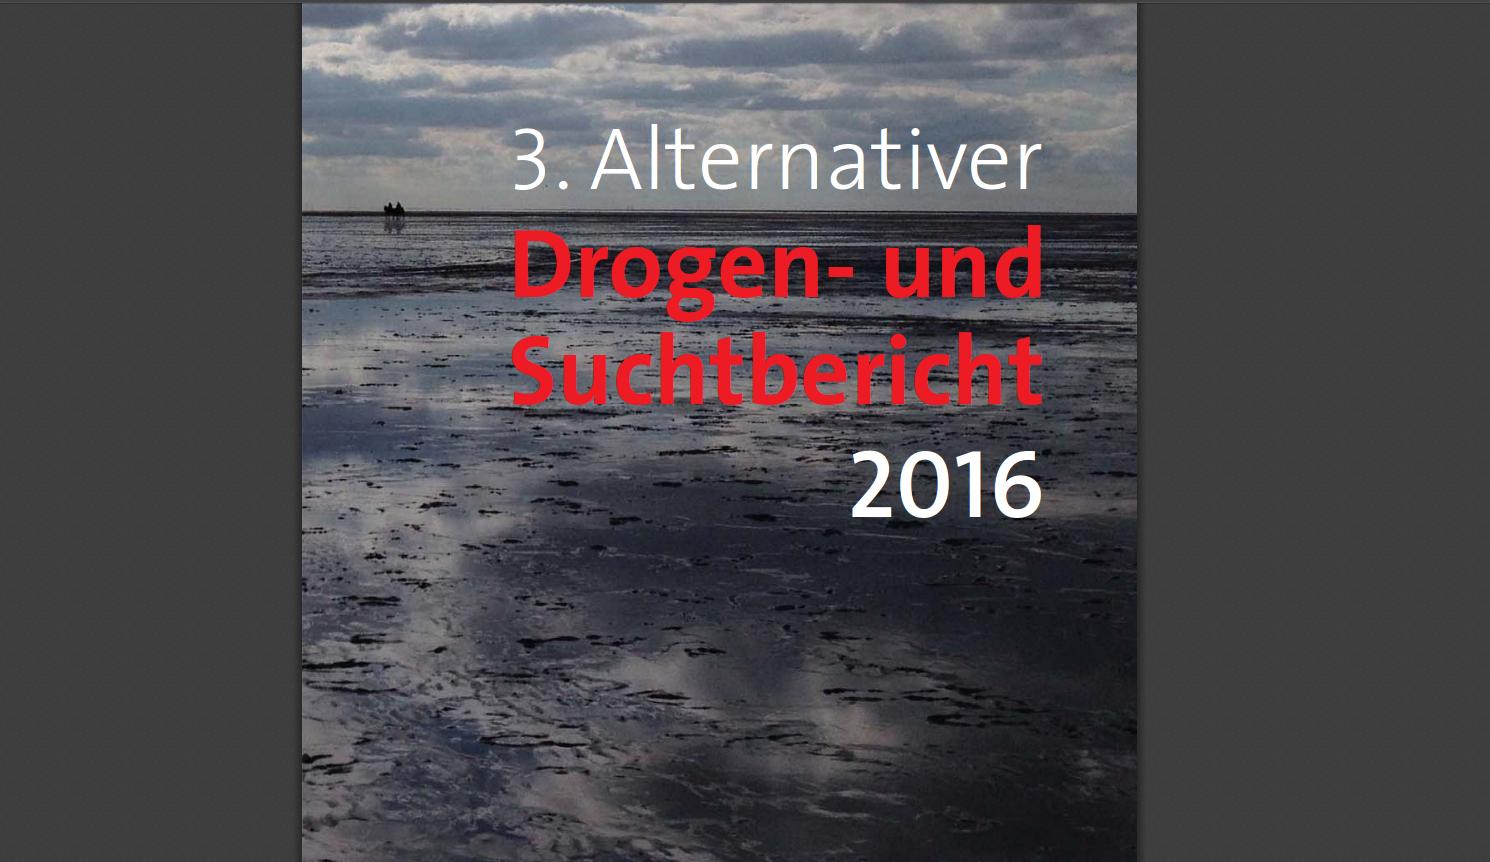 ce6e01951d Alternativer Drogen-und Suchtbericht 2016 in Berlin veröffentlicht ...